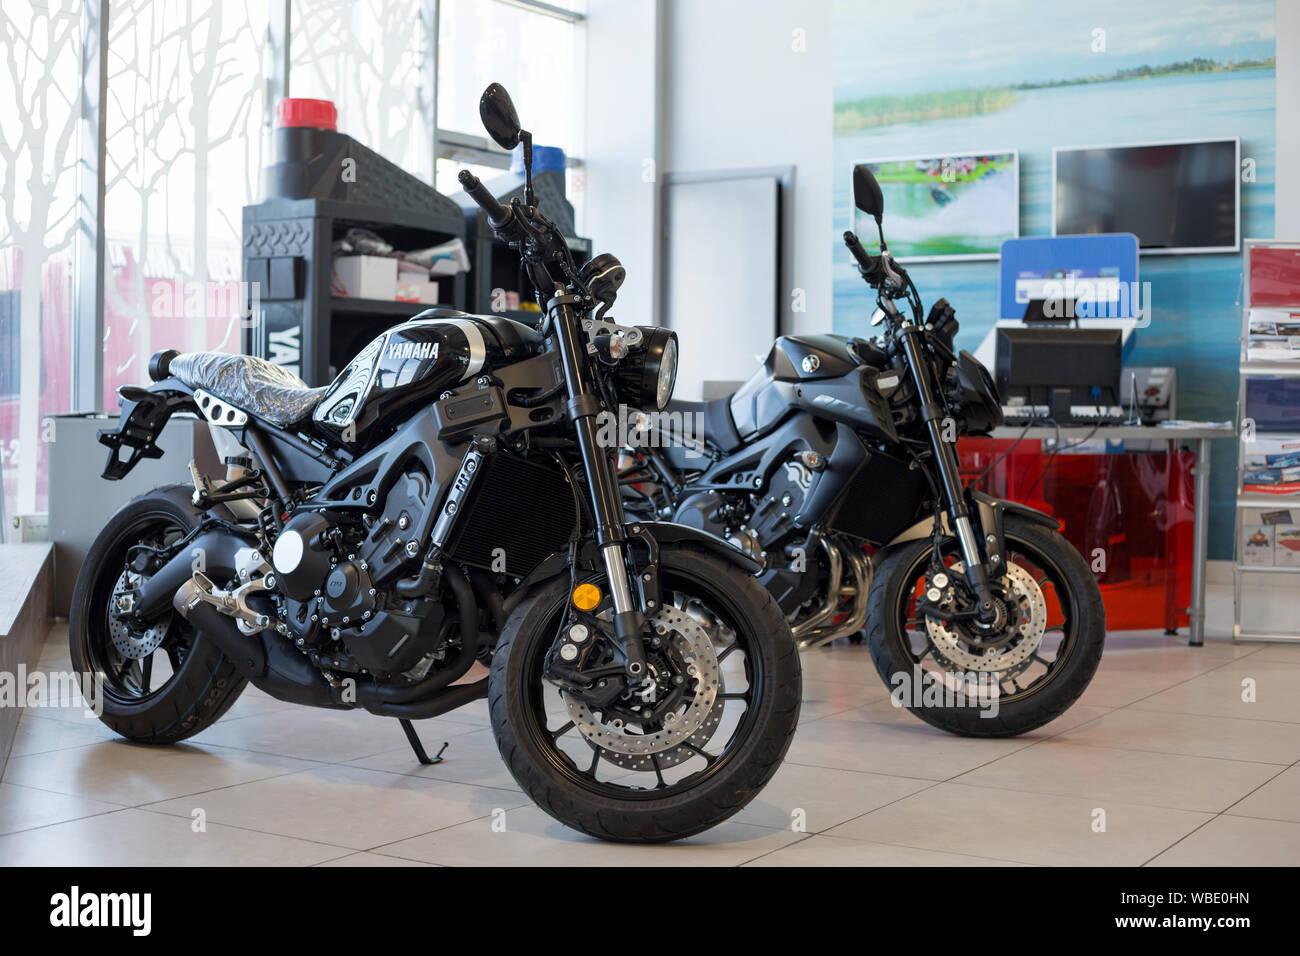 Russland, Izhevsk - 23. August 2019: Yamaha Motorrad Shop. Neue Motorräder und Zubehör in Motorrad speichern. Auf der ganzen Welt bekannt. Stockfoto